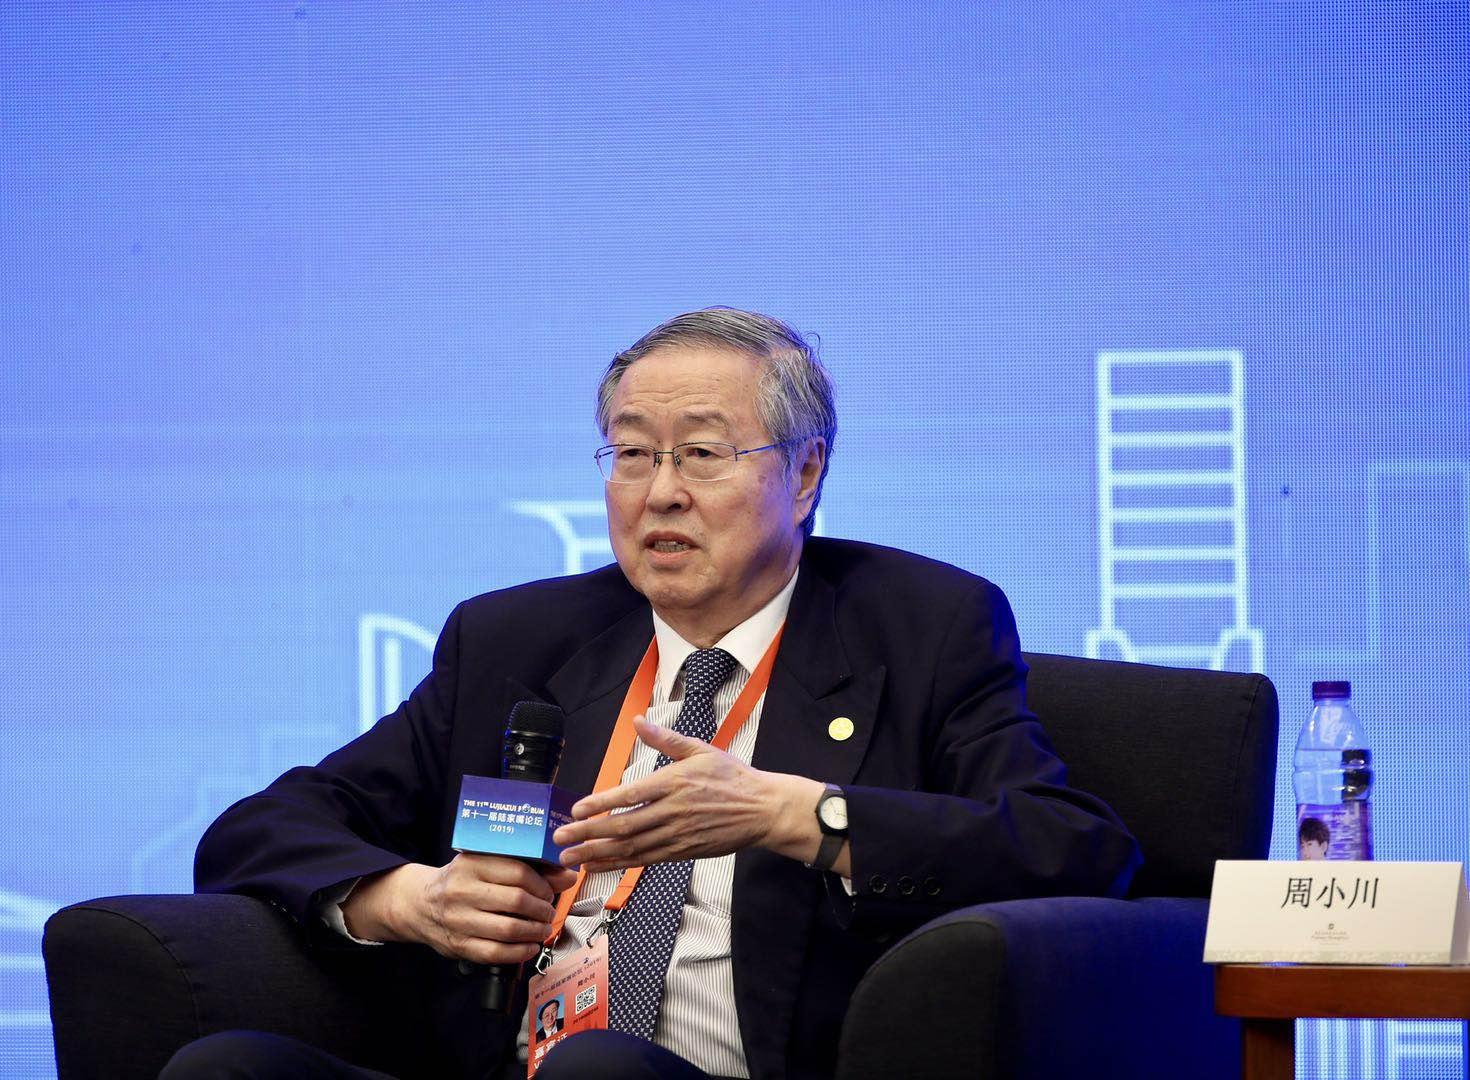 周小川:太阳神娱乐金融需要巨大的转变和改革 应强调股权市场的重要性